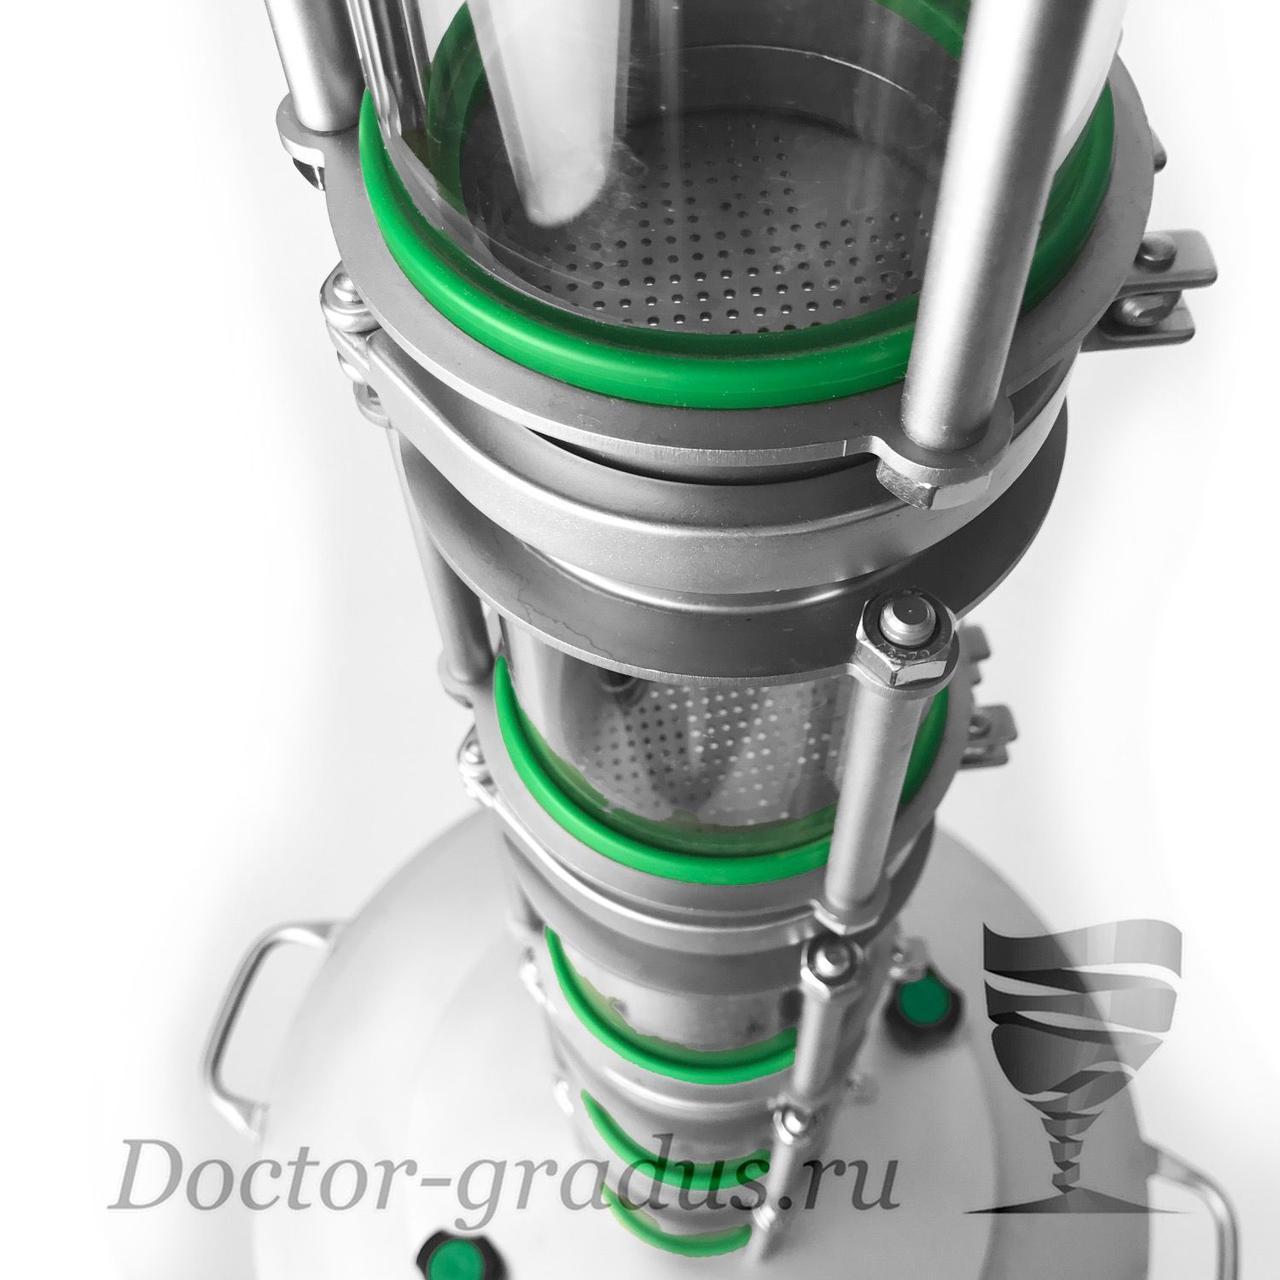 """Дистиллятор  Доктор Градус """"Стиллмен-Классик"""" с кубом 50 литров, фото 1"""